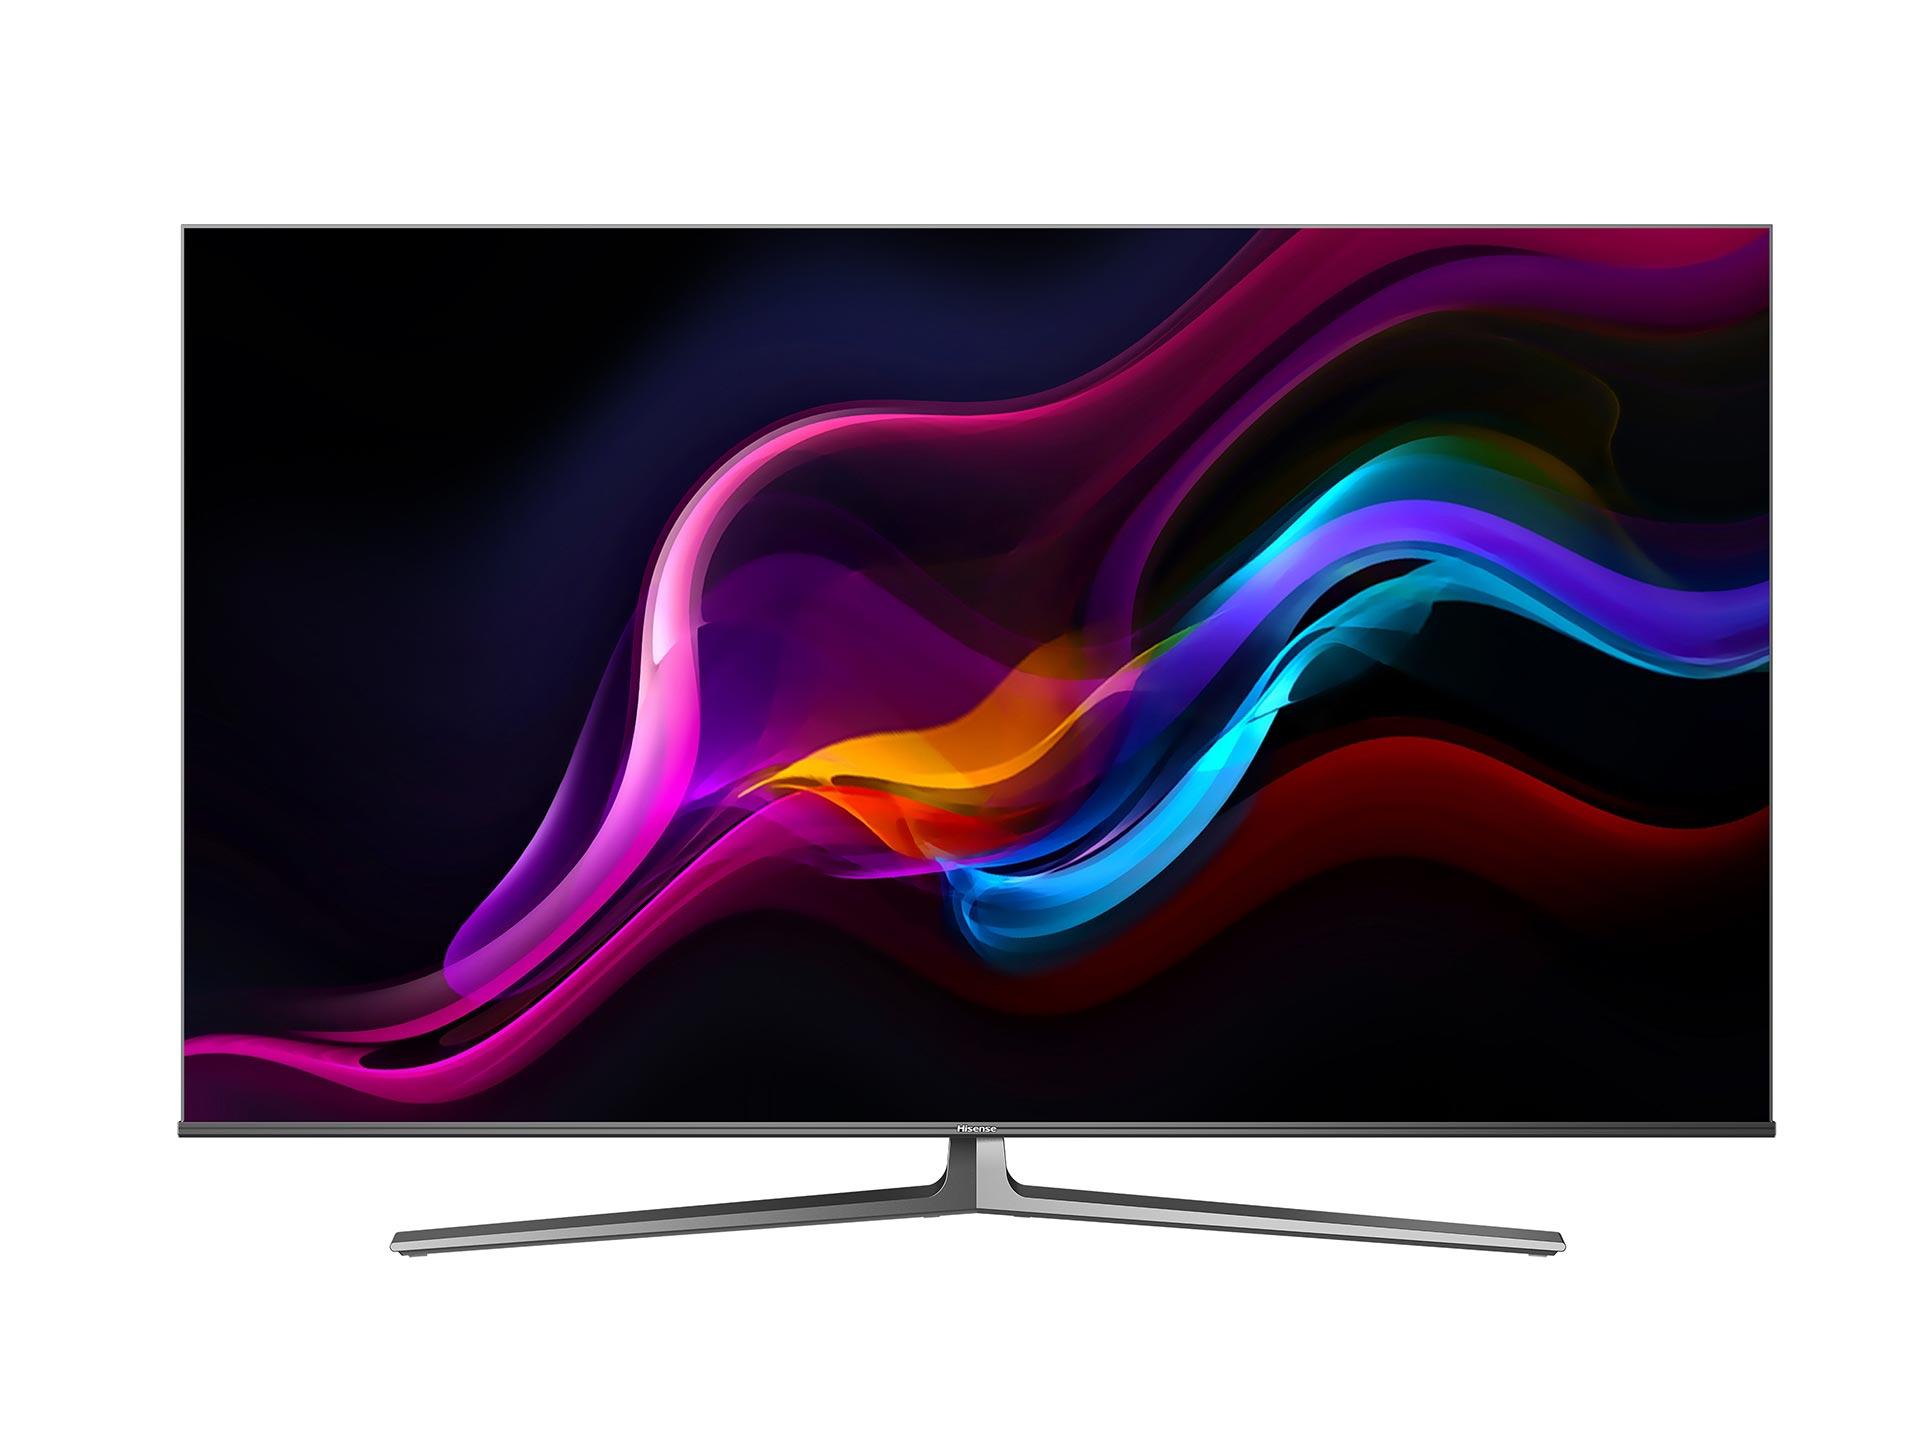 ULED TV ULED TV 55U8GQ 55″